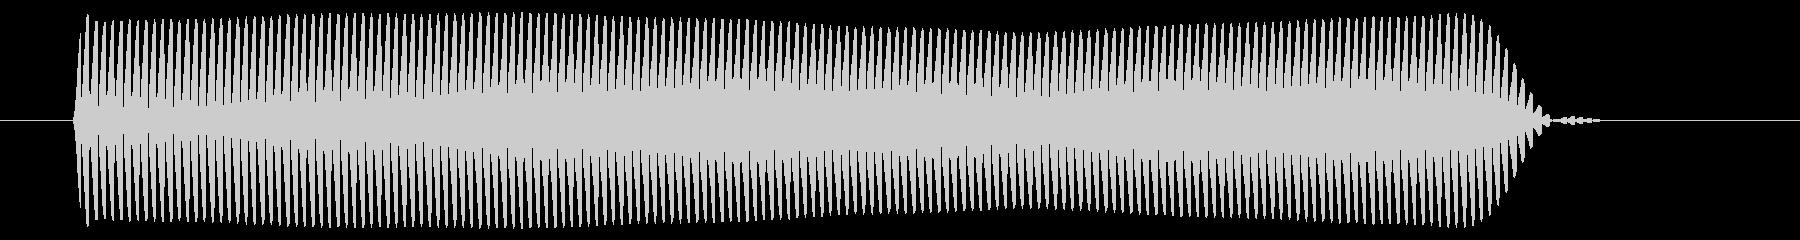 パソコン/選択/ピッの未再生の波形